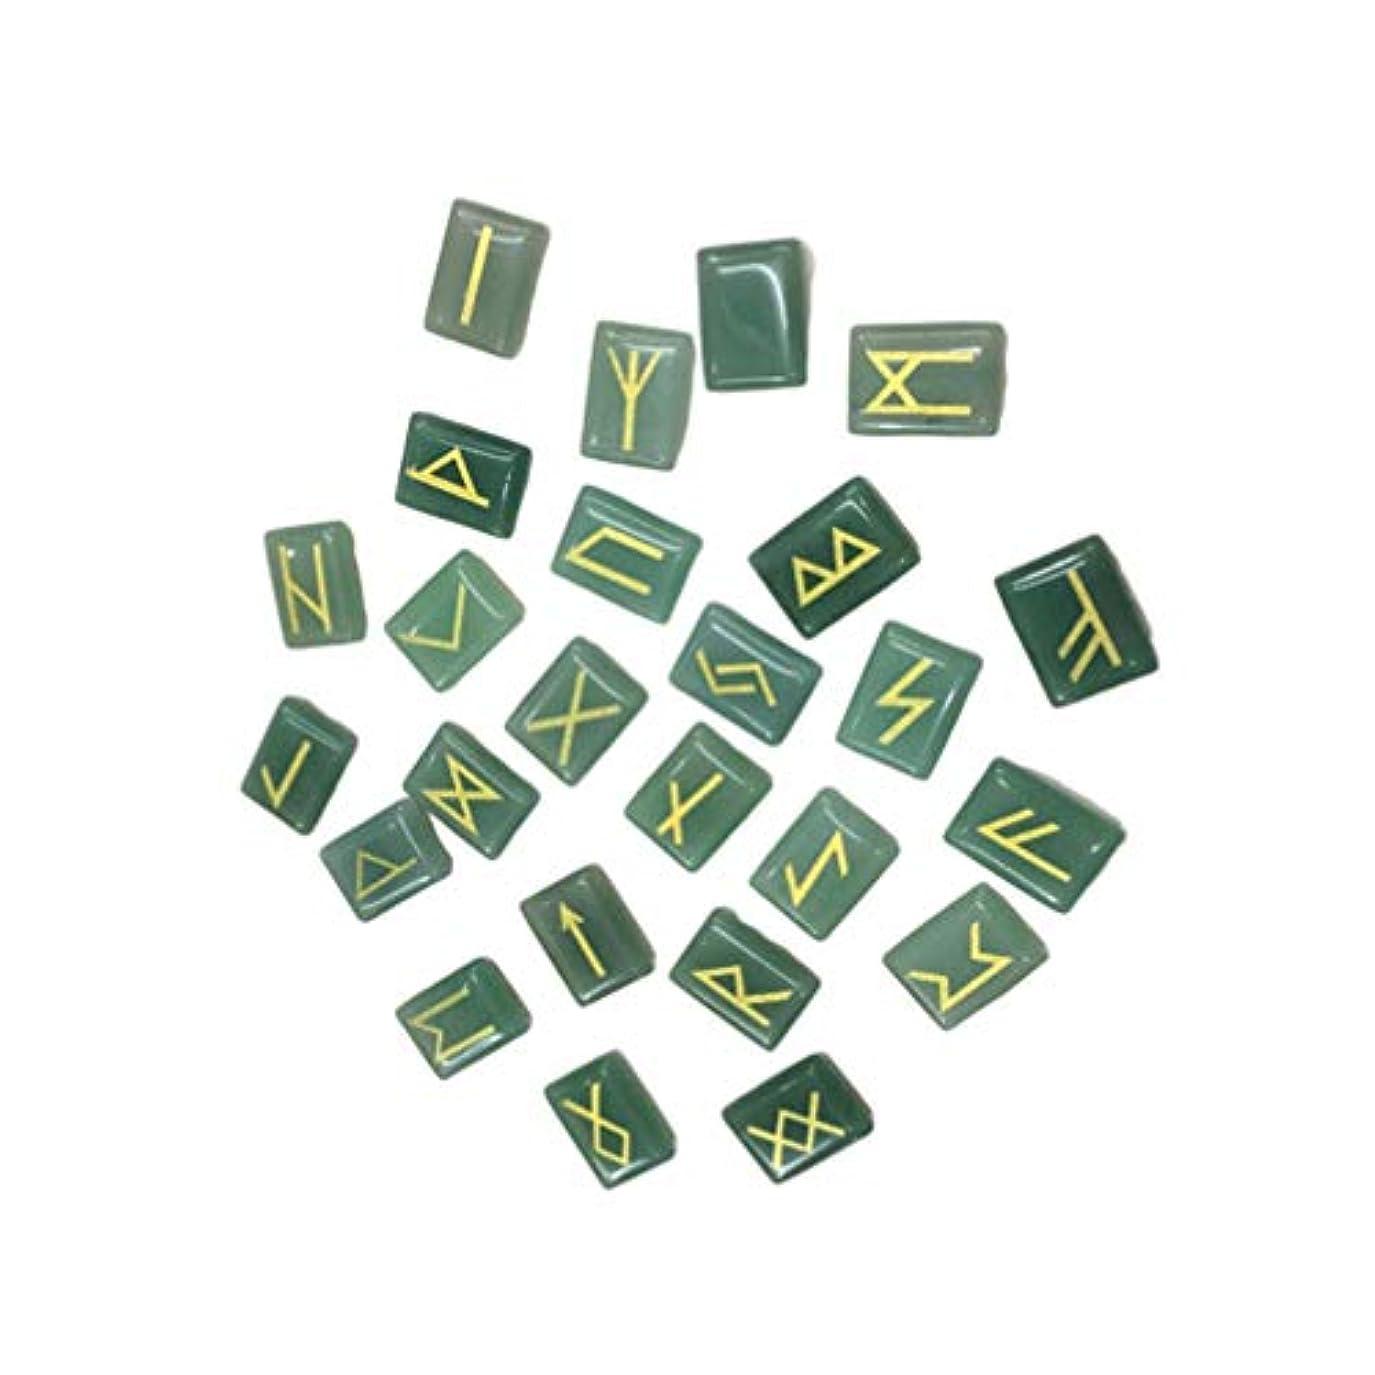 物質エスカレーター隣接するVosarea 25ピース刻まれたルーン石ペンダントナチュラルレタリングタンブルクリスタル刻まれたロックdiyギフトジュエリー作り